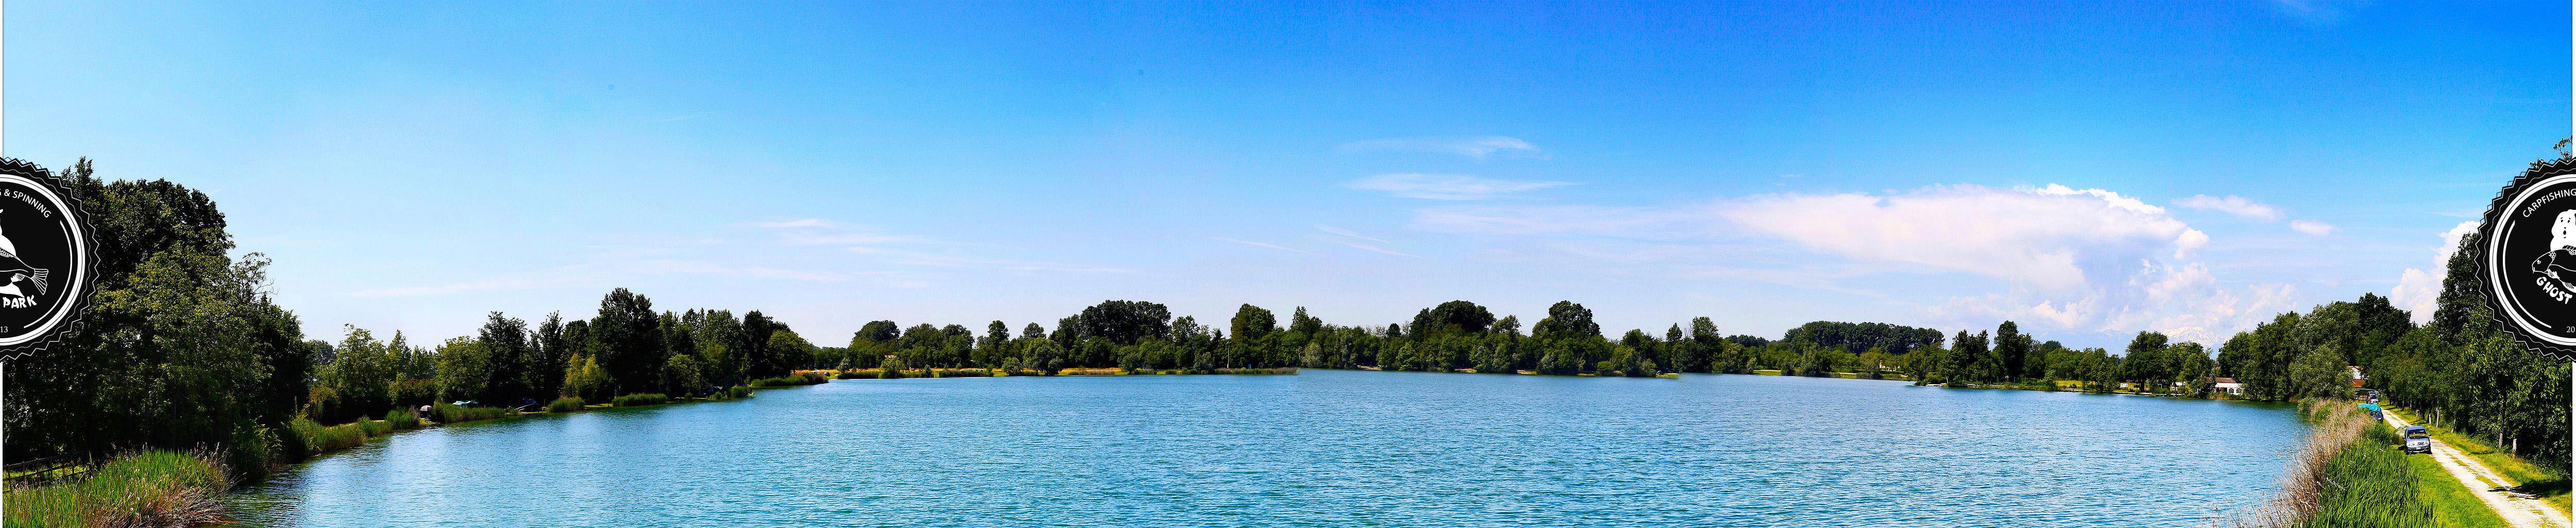 Entstanden aus einer ehemaligen Kiesgrube (60-70er Jahre) wurde der See Anfang der 80er Jahre mit Fische besetzt. Nach wenigen Jahren wurde der See aber aufgrund von Unstimmigkeiten zwischen dem Besitzer und dem Pächter wieder geschlossen. Bis zur Wiedereröffnung (Dezember 2009) kamen nur einige wenige Verwandte und Bekannte des Besitzers in den Genuss diesen See zu befischen. Dabei wurden Amurkarpfen und Karpfen bis zu 33kg gefangen. Nun ist dieser wunderschöne See nach ca. 30 Jahren wiedereröffnet worden.